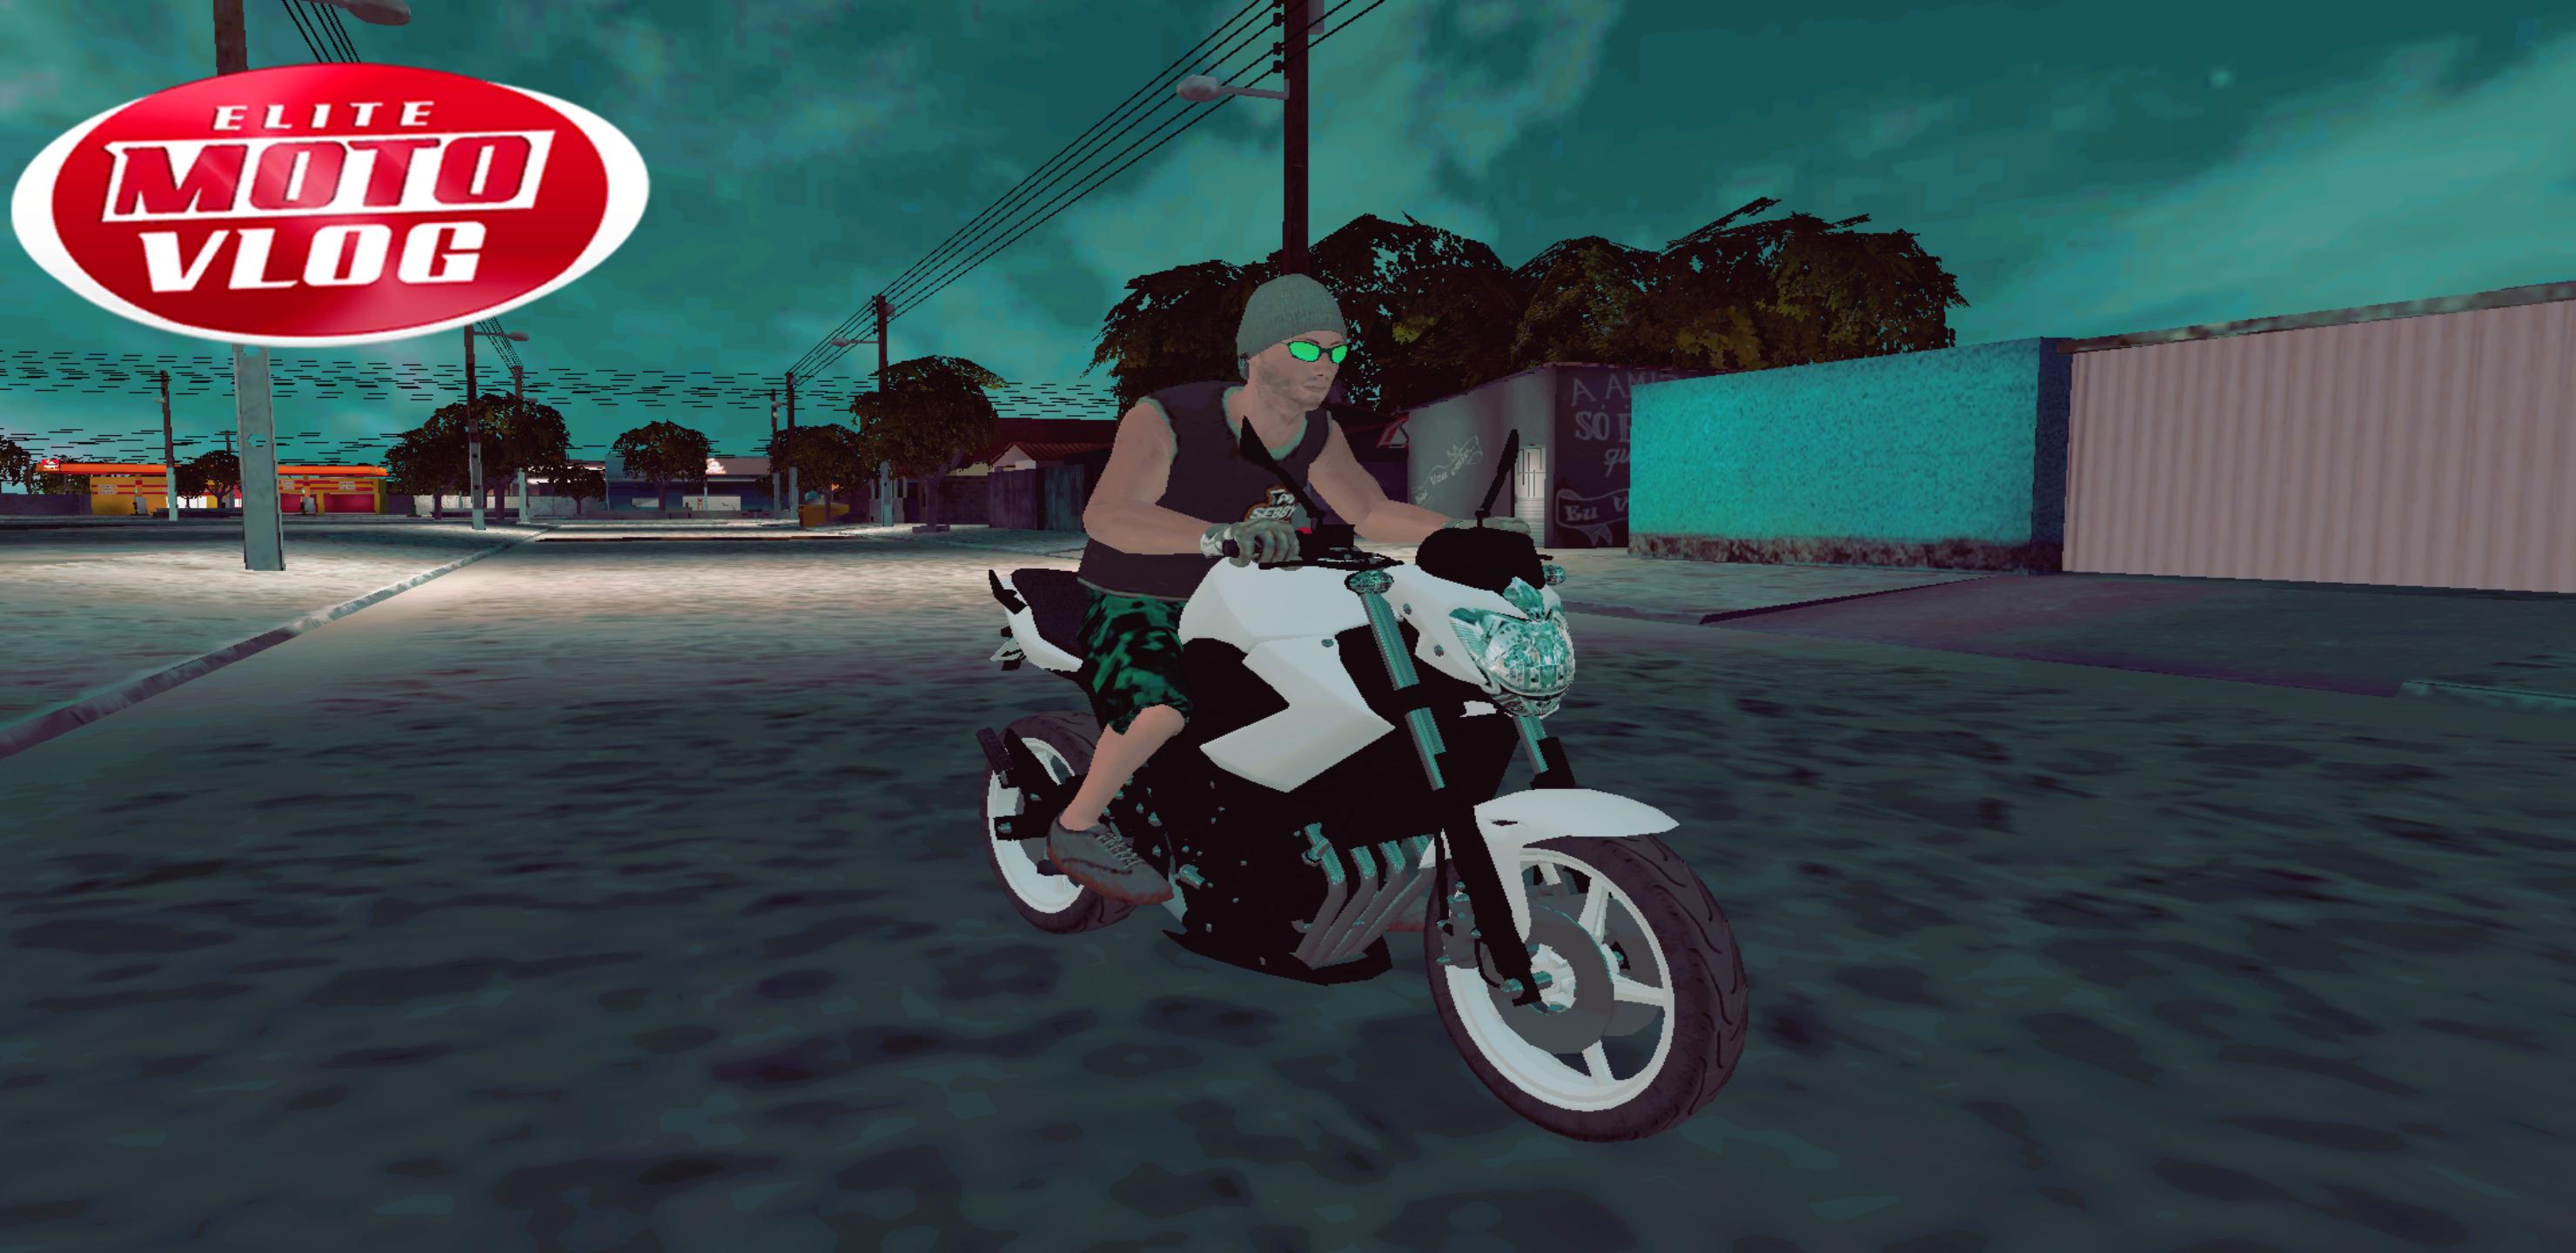 Nova atualização do Elite MotoVlog já está disponível para download!